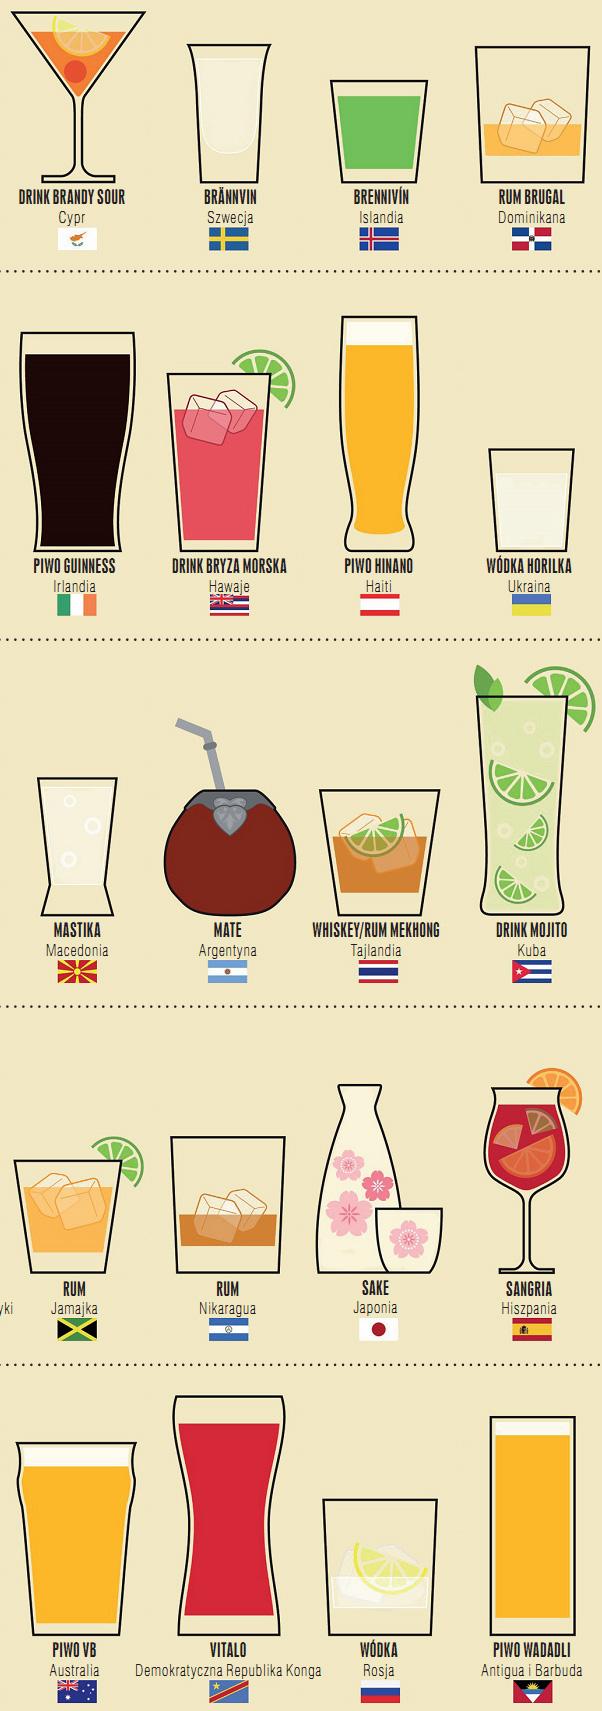 drinki44.jpg